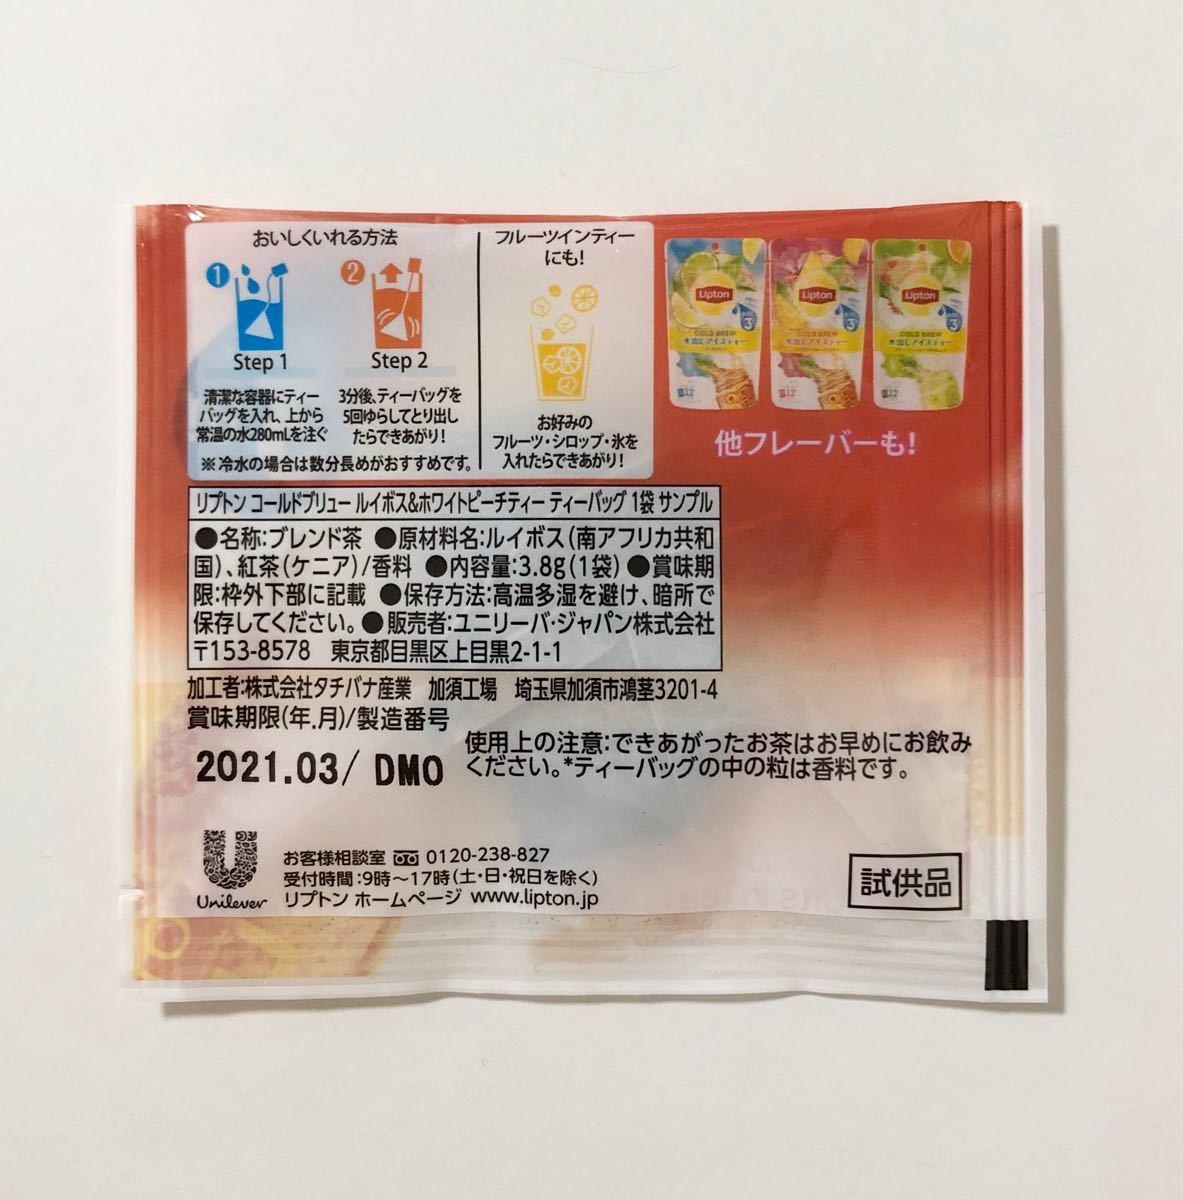 リプトン 紅茶 タンブラー ボトル 限定缶 ティーバッグ 新商品 マイボトル